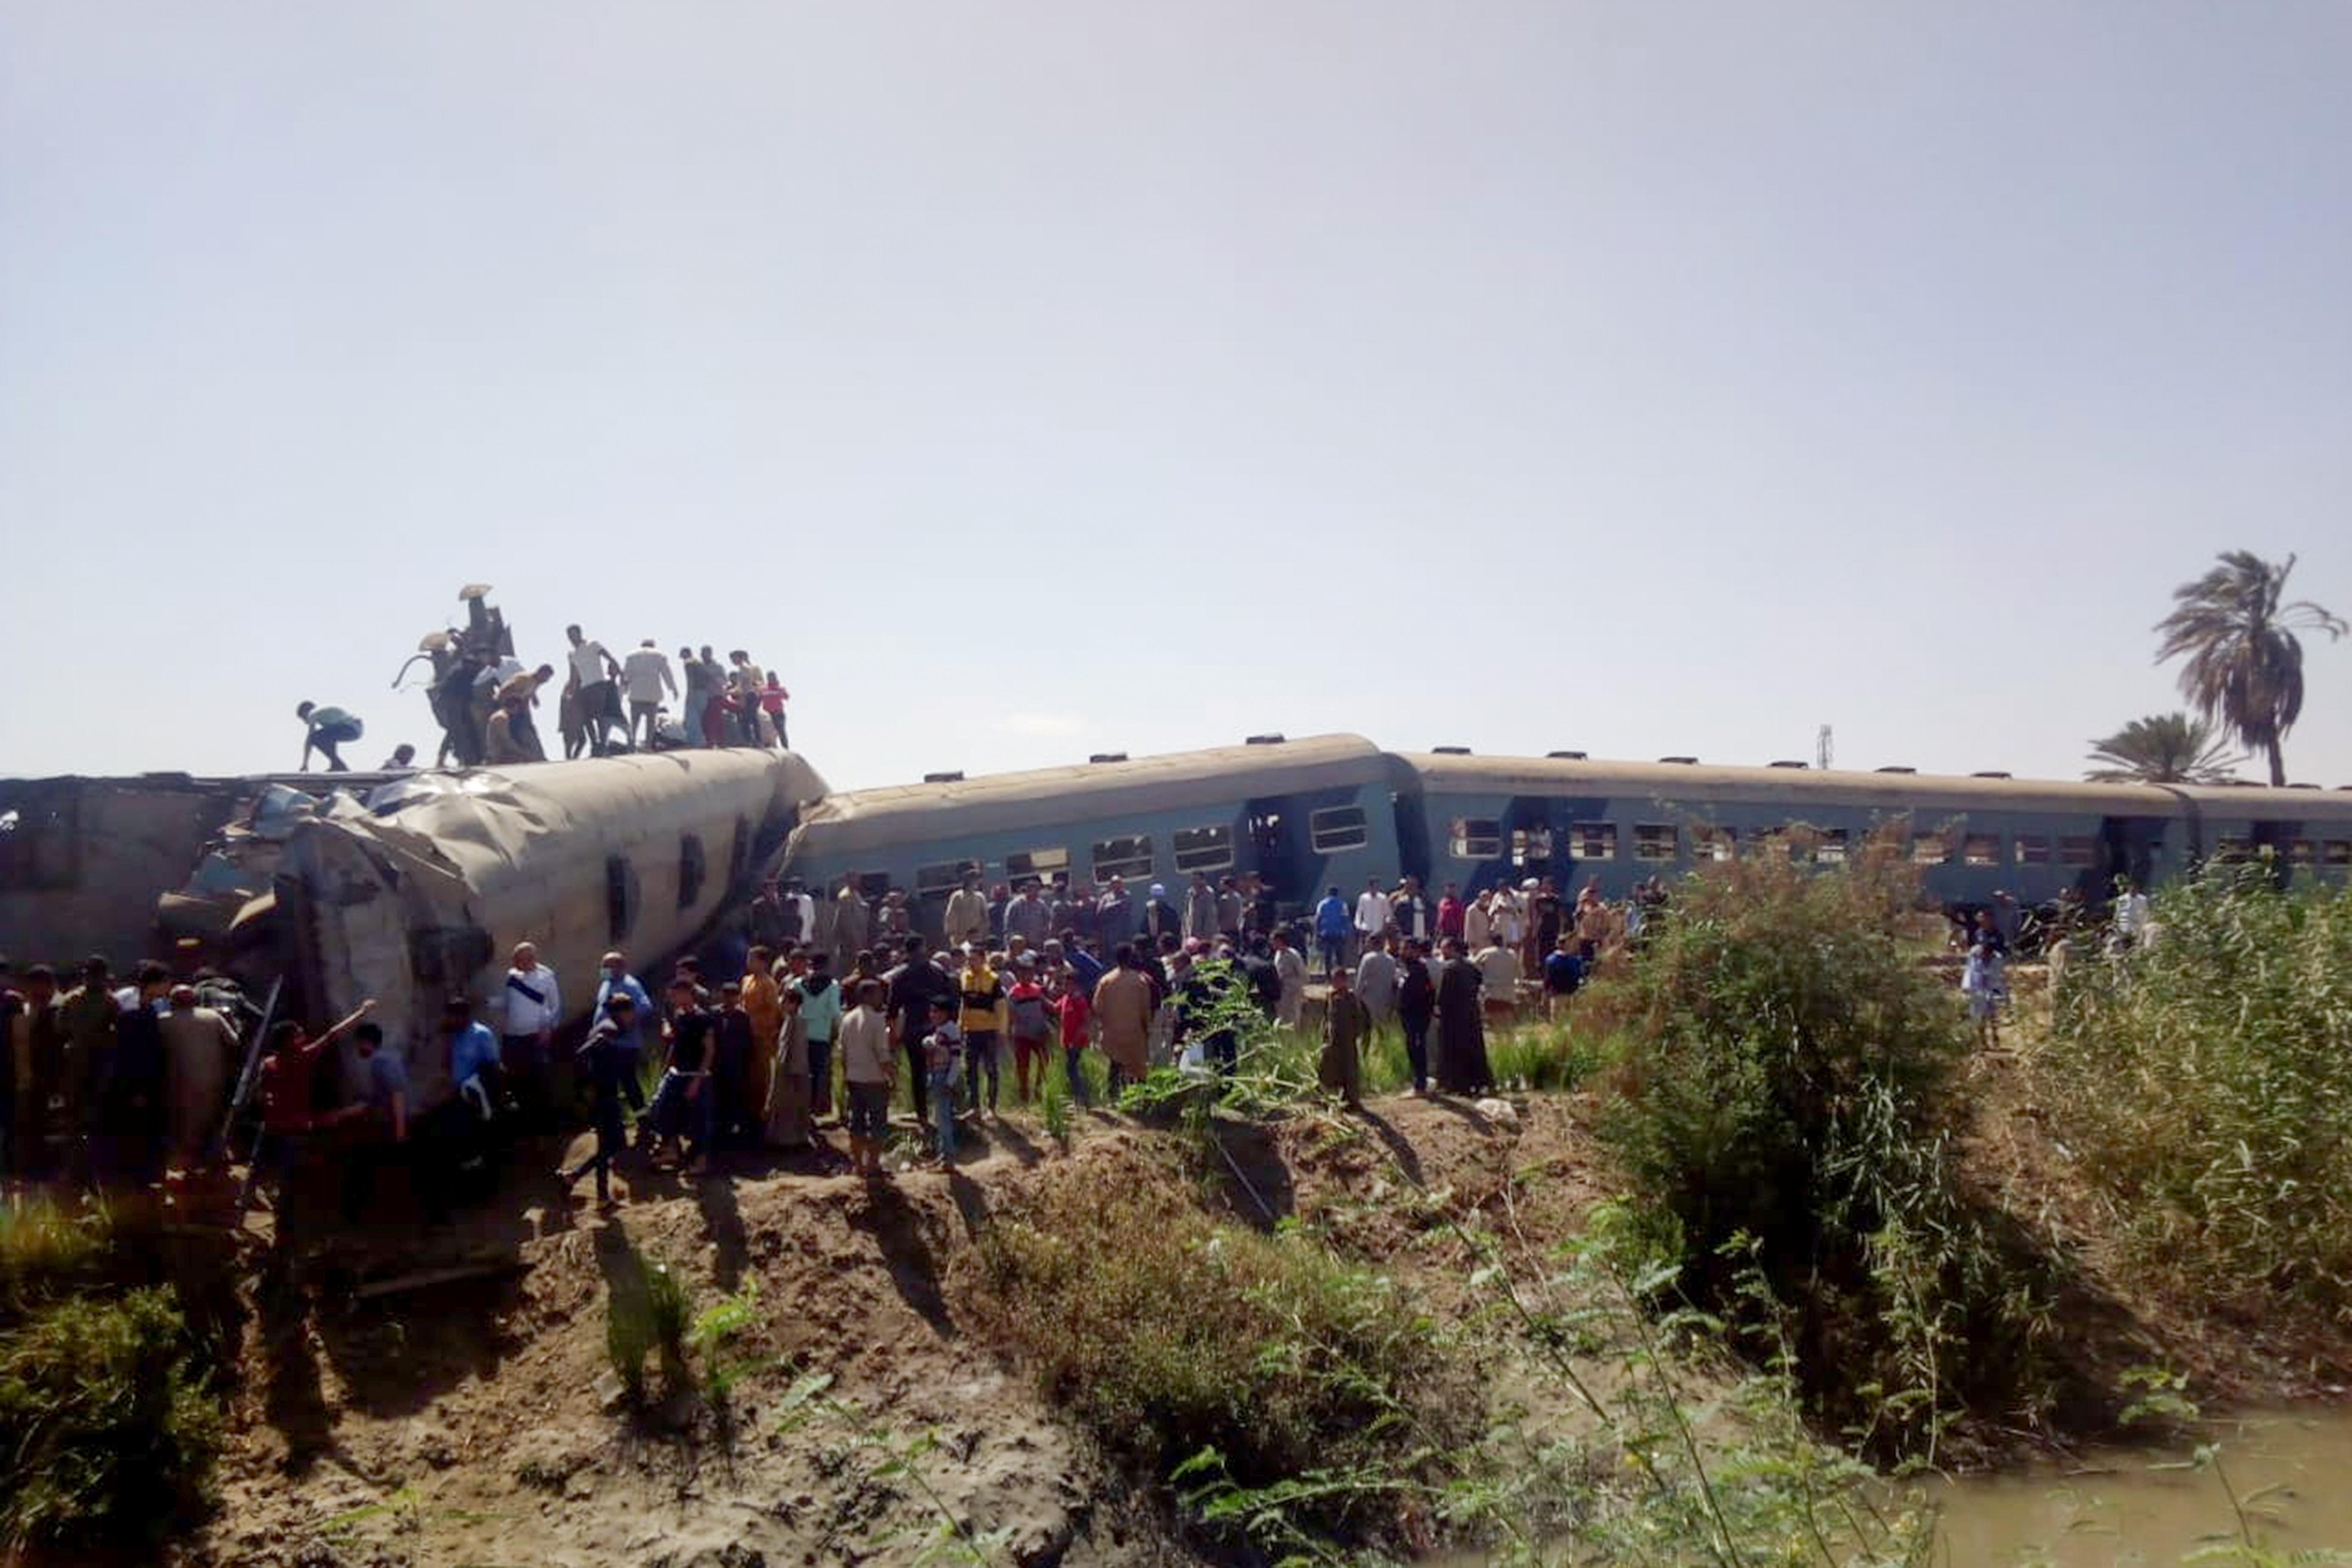 Maquinista e assistente envolvidos em acidente de trem no Egito que matou 19 não estavam na cabine de composição